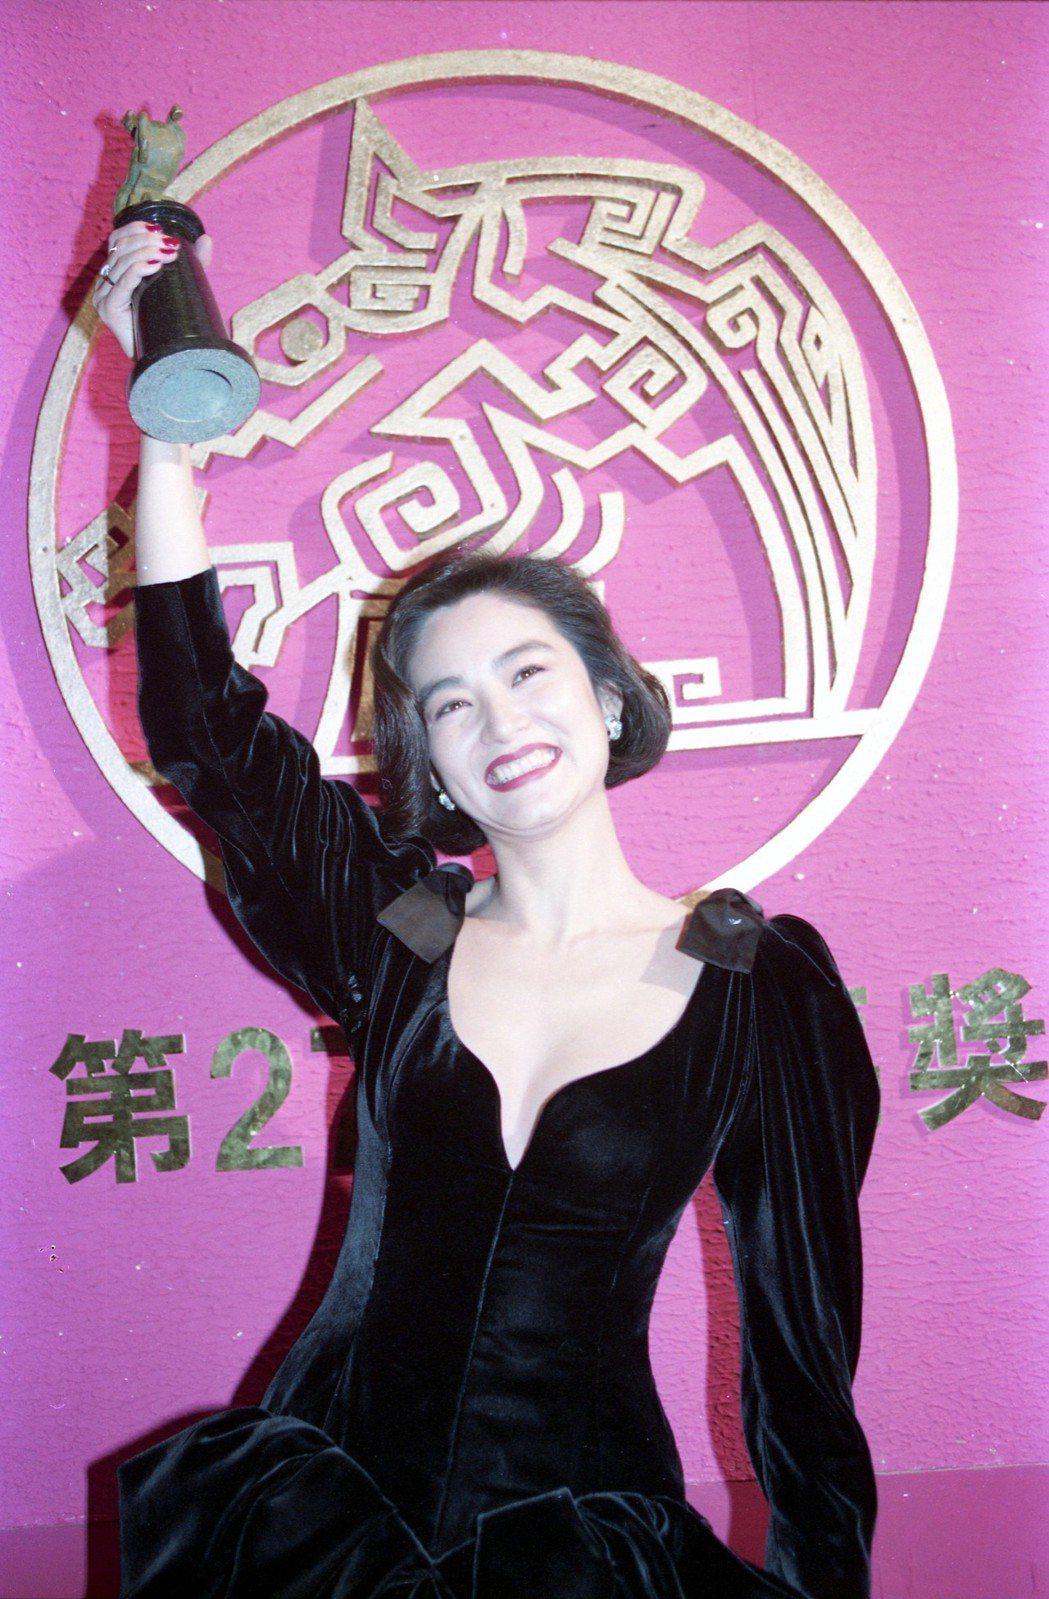 林青霞走紅影壇快20年,終於靠「滾滾紅塵」登上金馬影后寶座。圖/報系資料照片